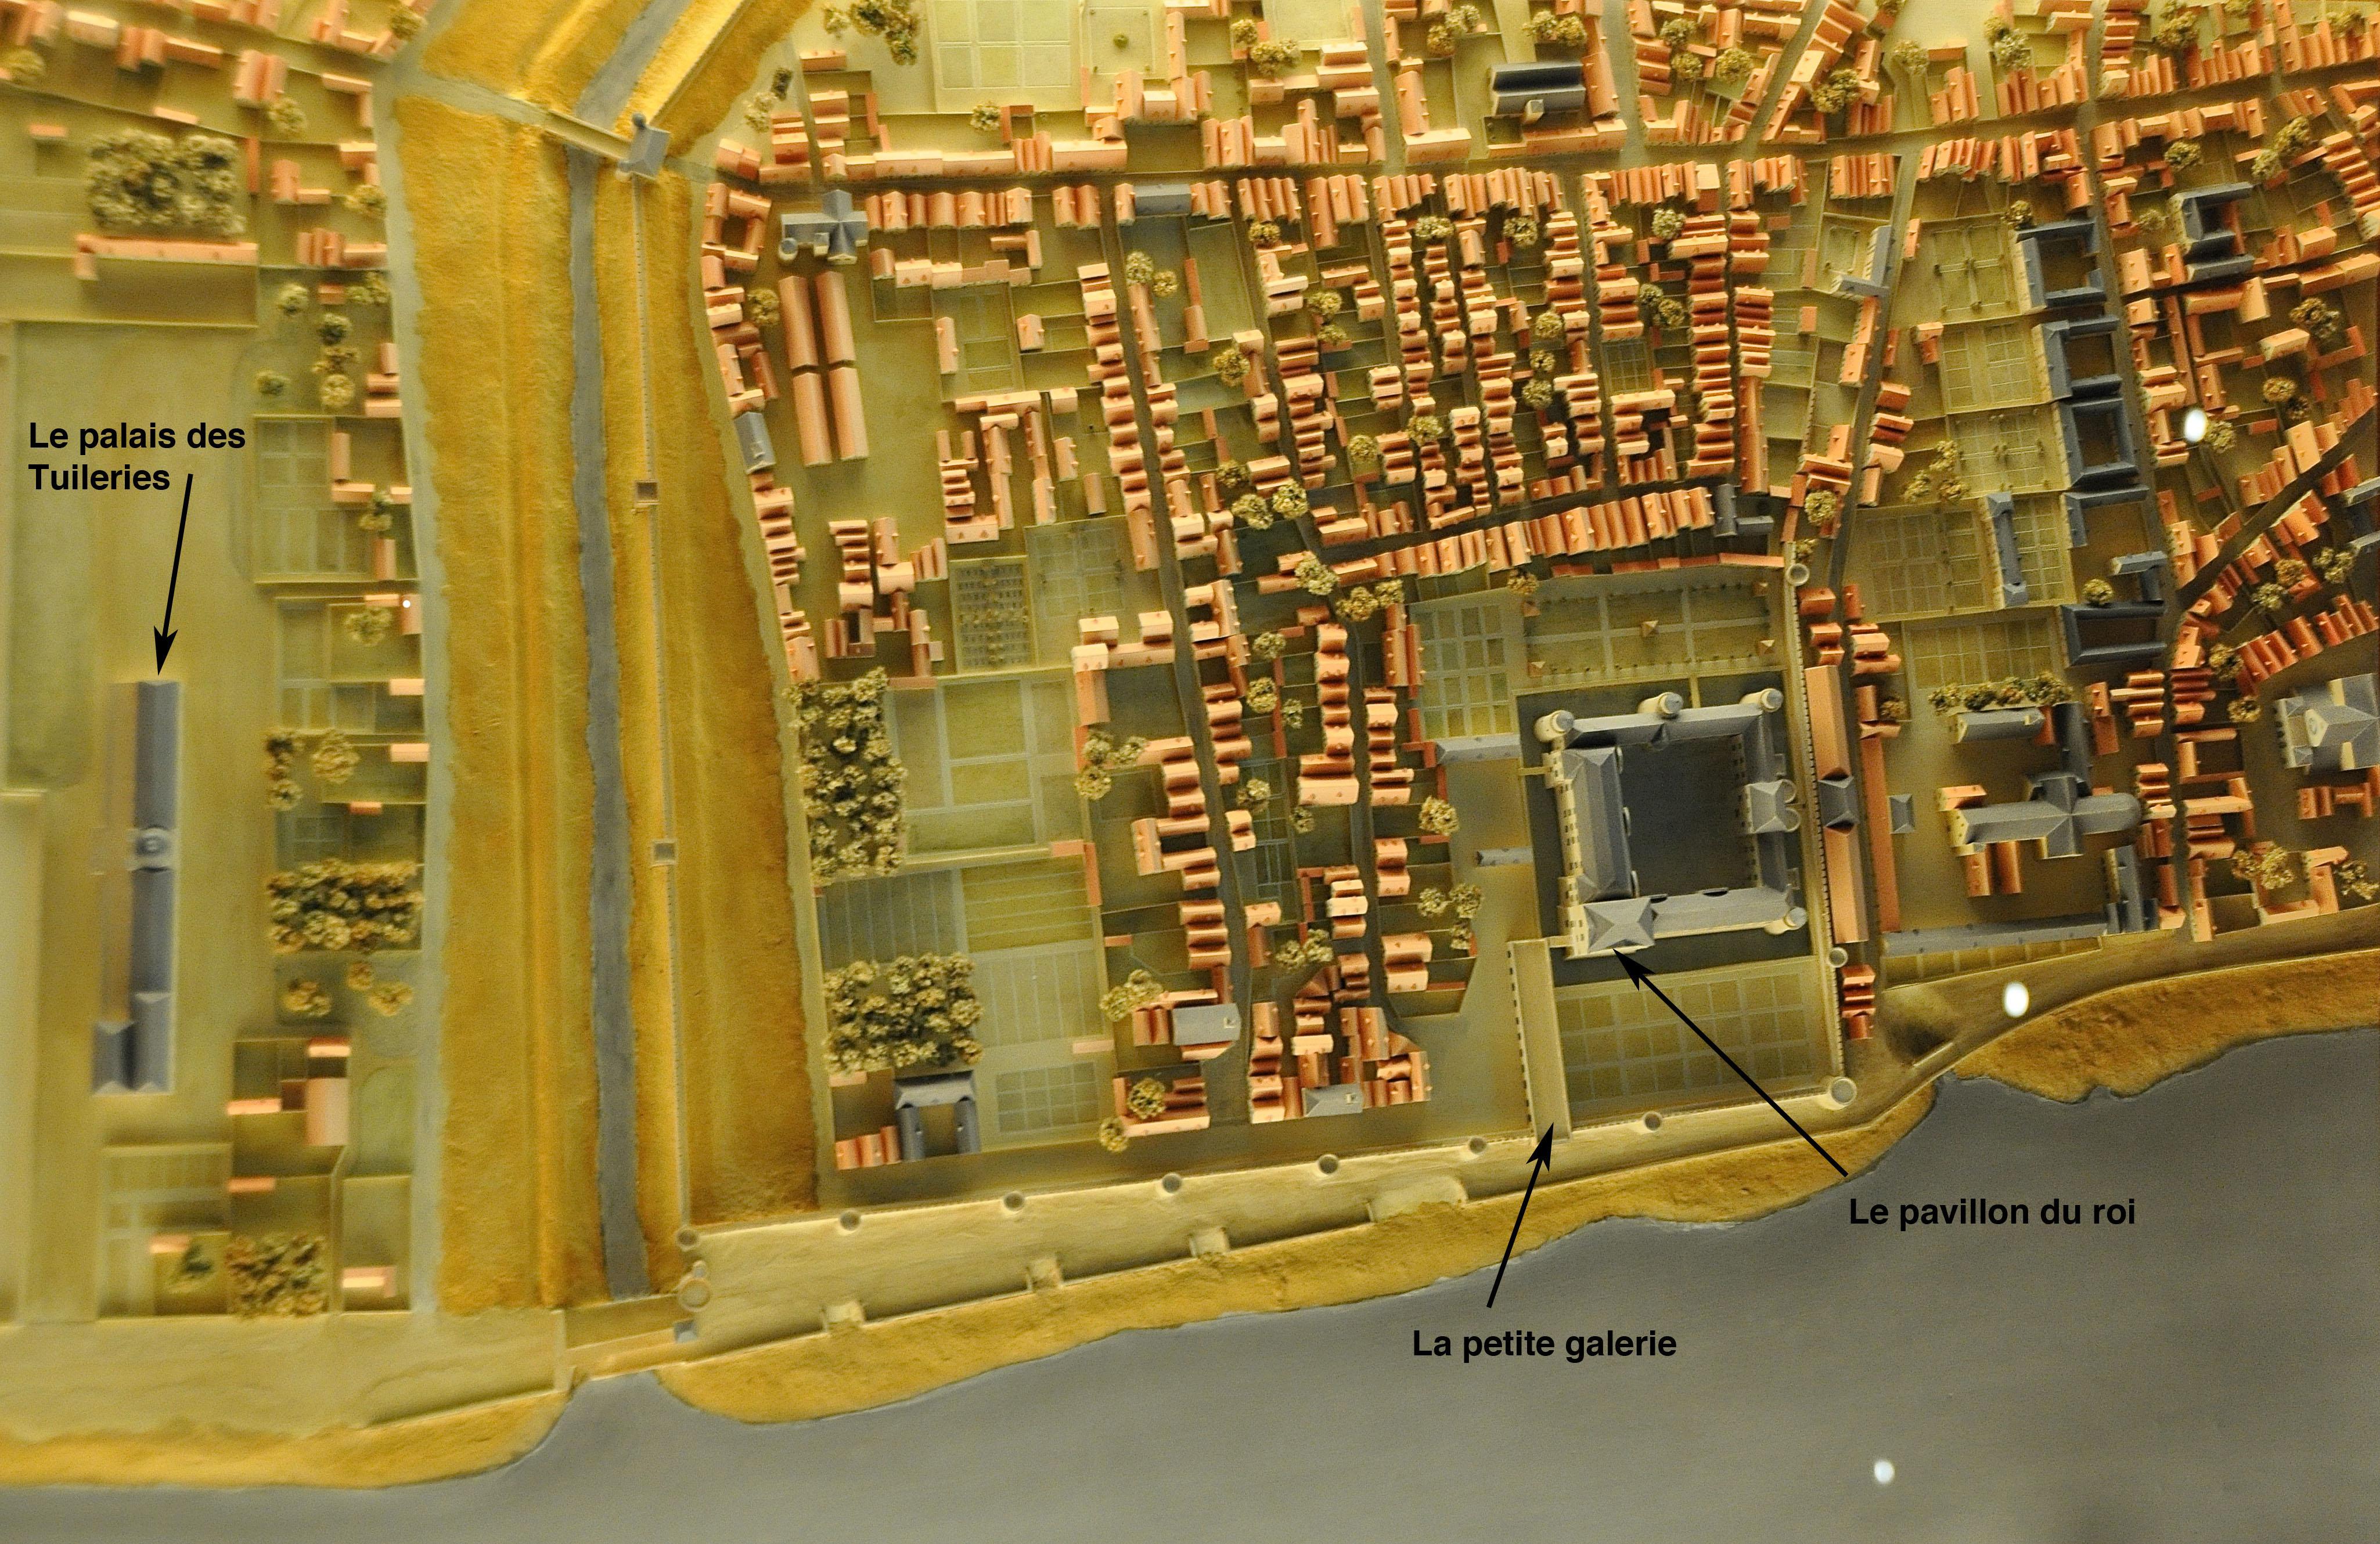 Le Louvre Renaissance, maquette, salles d'histoire, Le Louvre, Paris